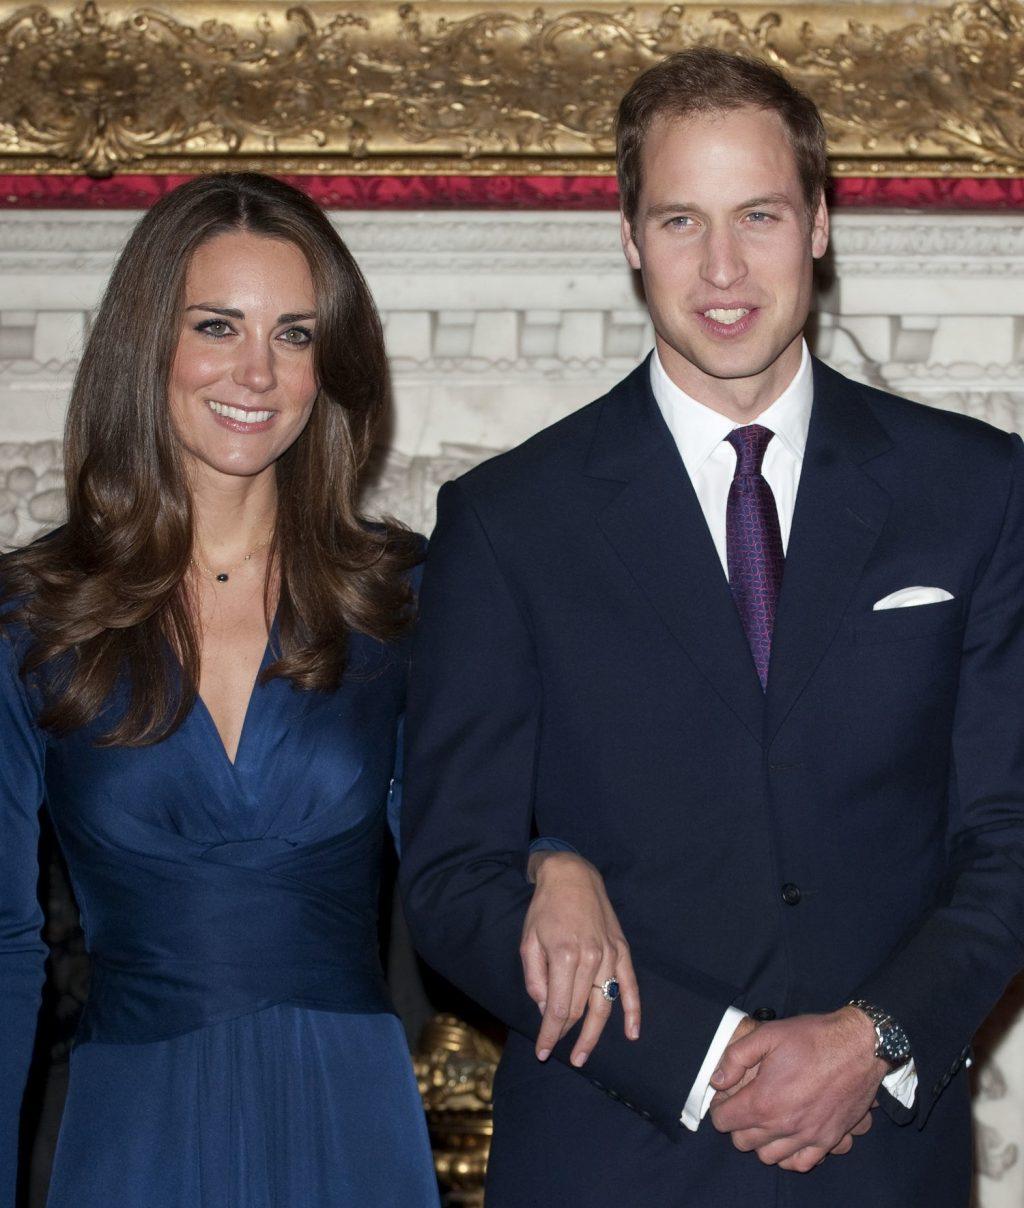 """Cặp đôi hoàng gia đã quyết định """"về chung một nhà"""" vào năm 2010 sau tám năm yêu nhau"""